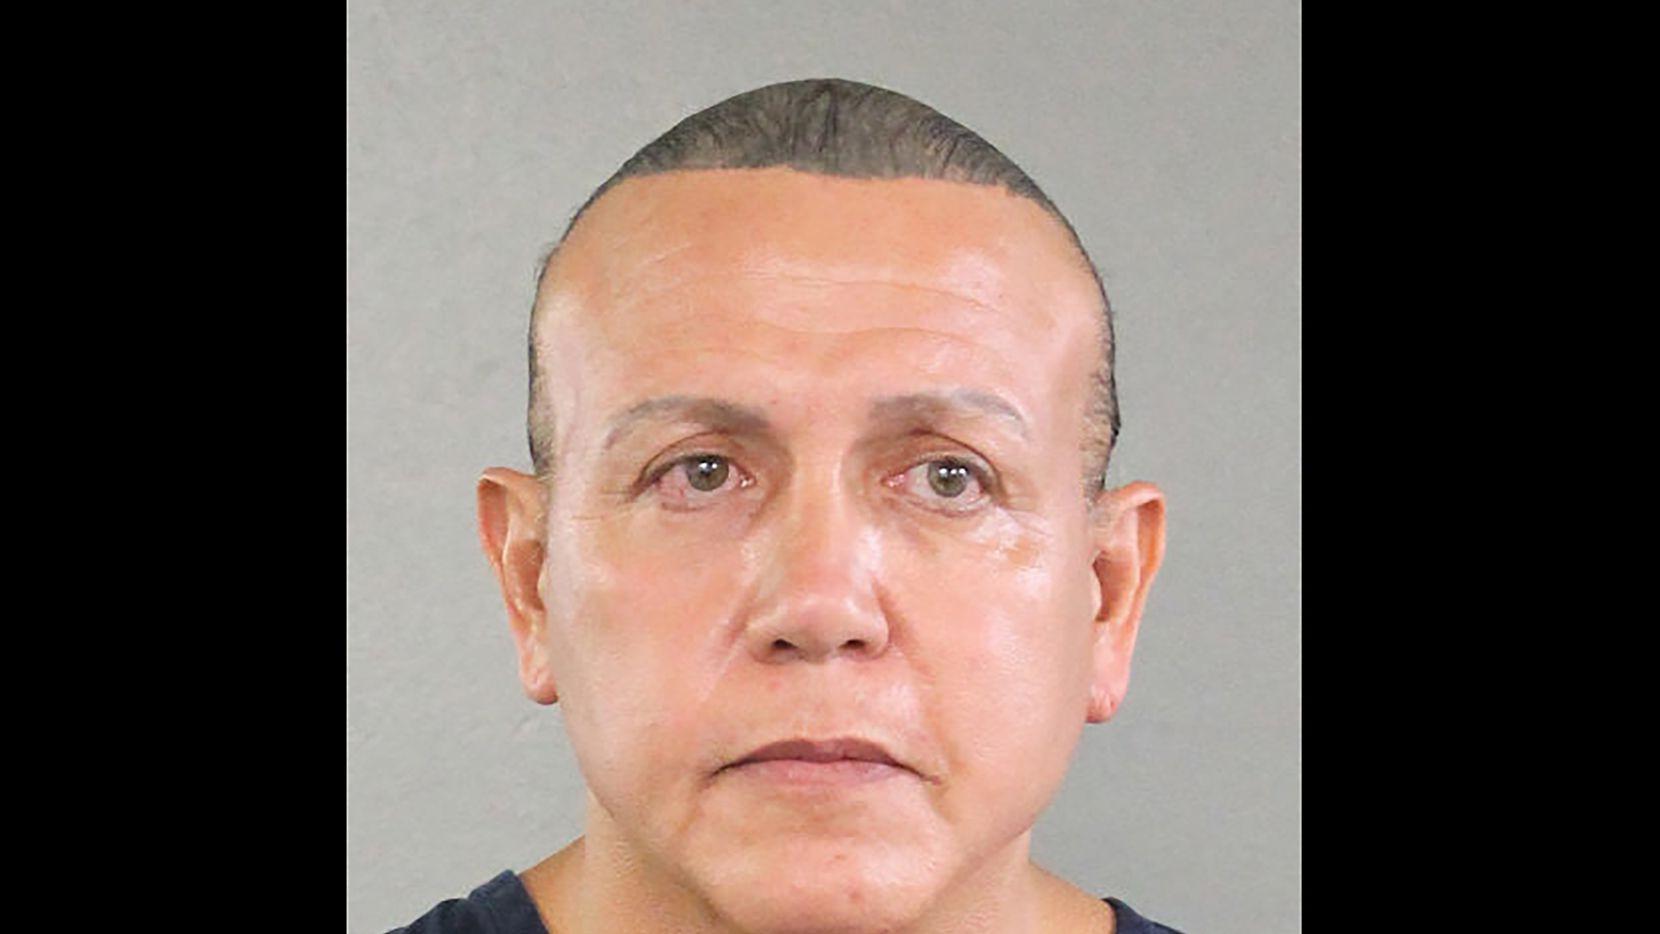 Cesar Sayoc, un afiliado al Partido Republicano, fue arrestado en conexión al envio de 12 paquetes bomba a promintentes críticos de Donald Trump.